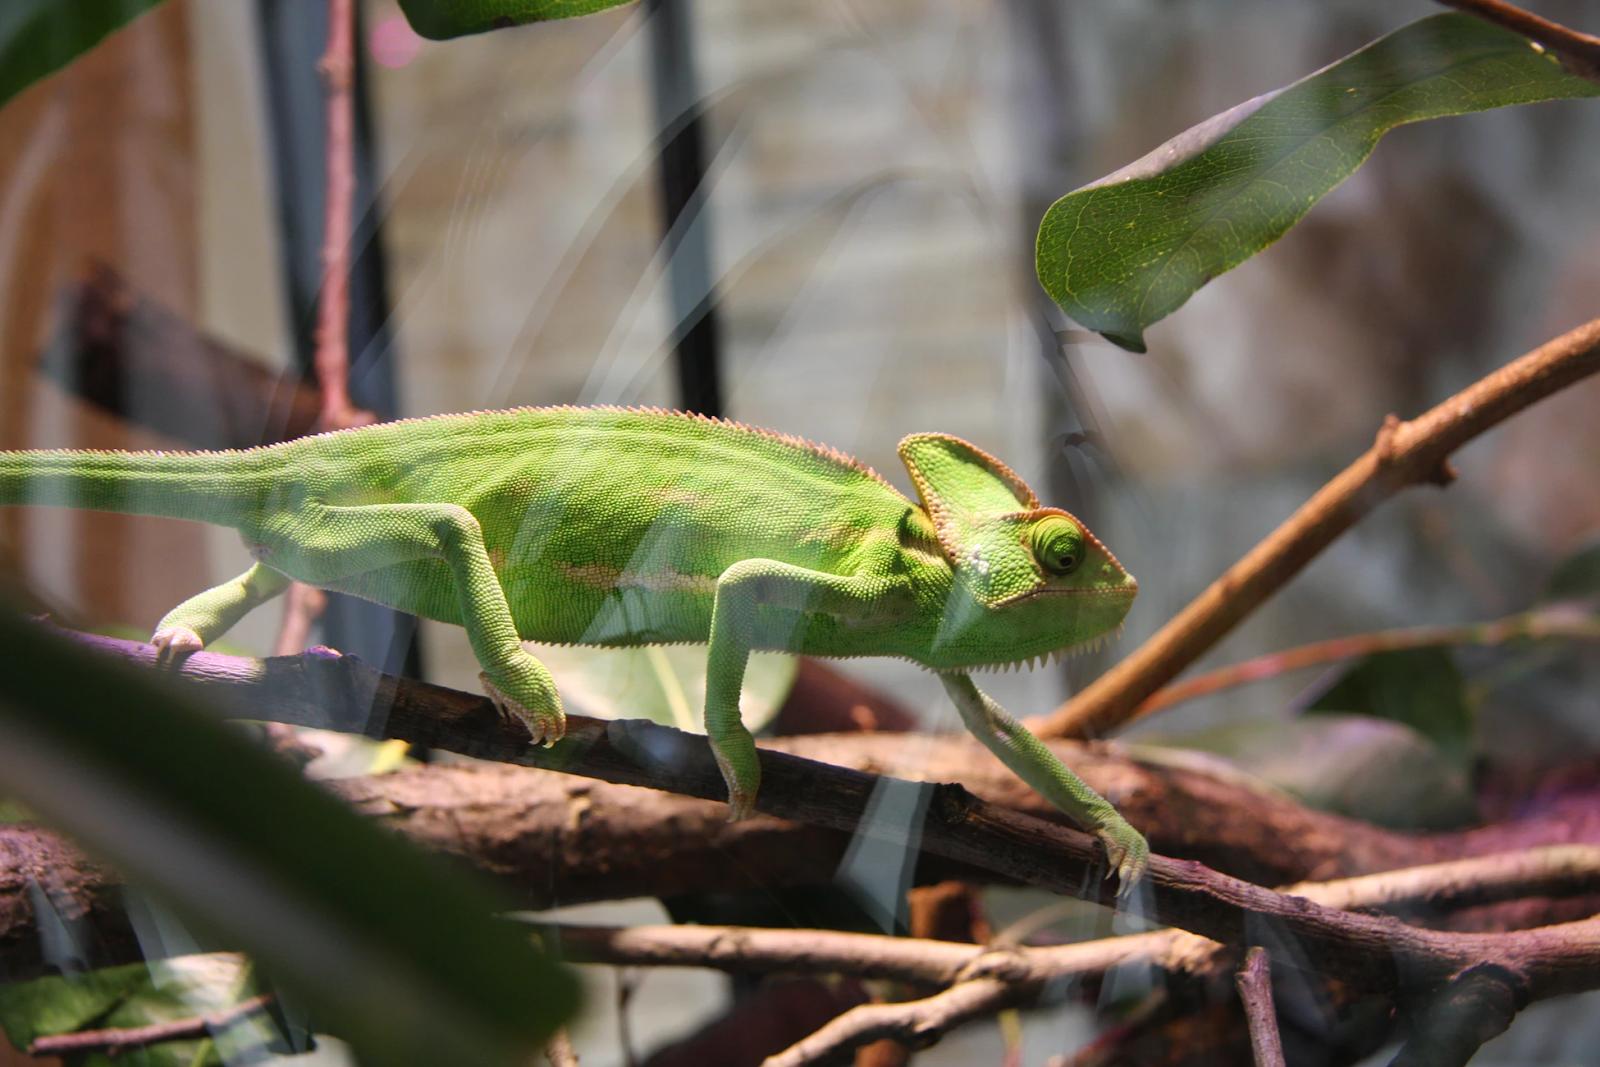 Chameleon on branch in terrarium